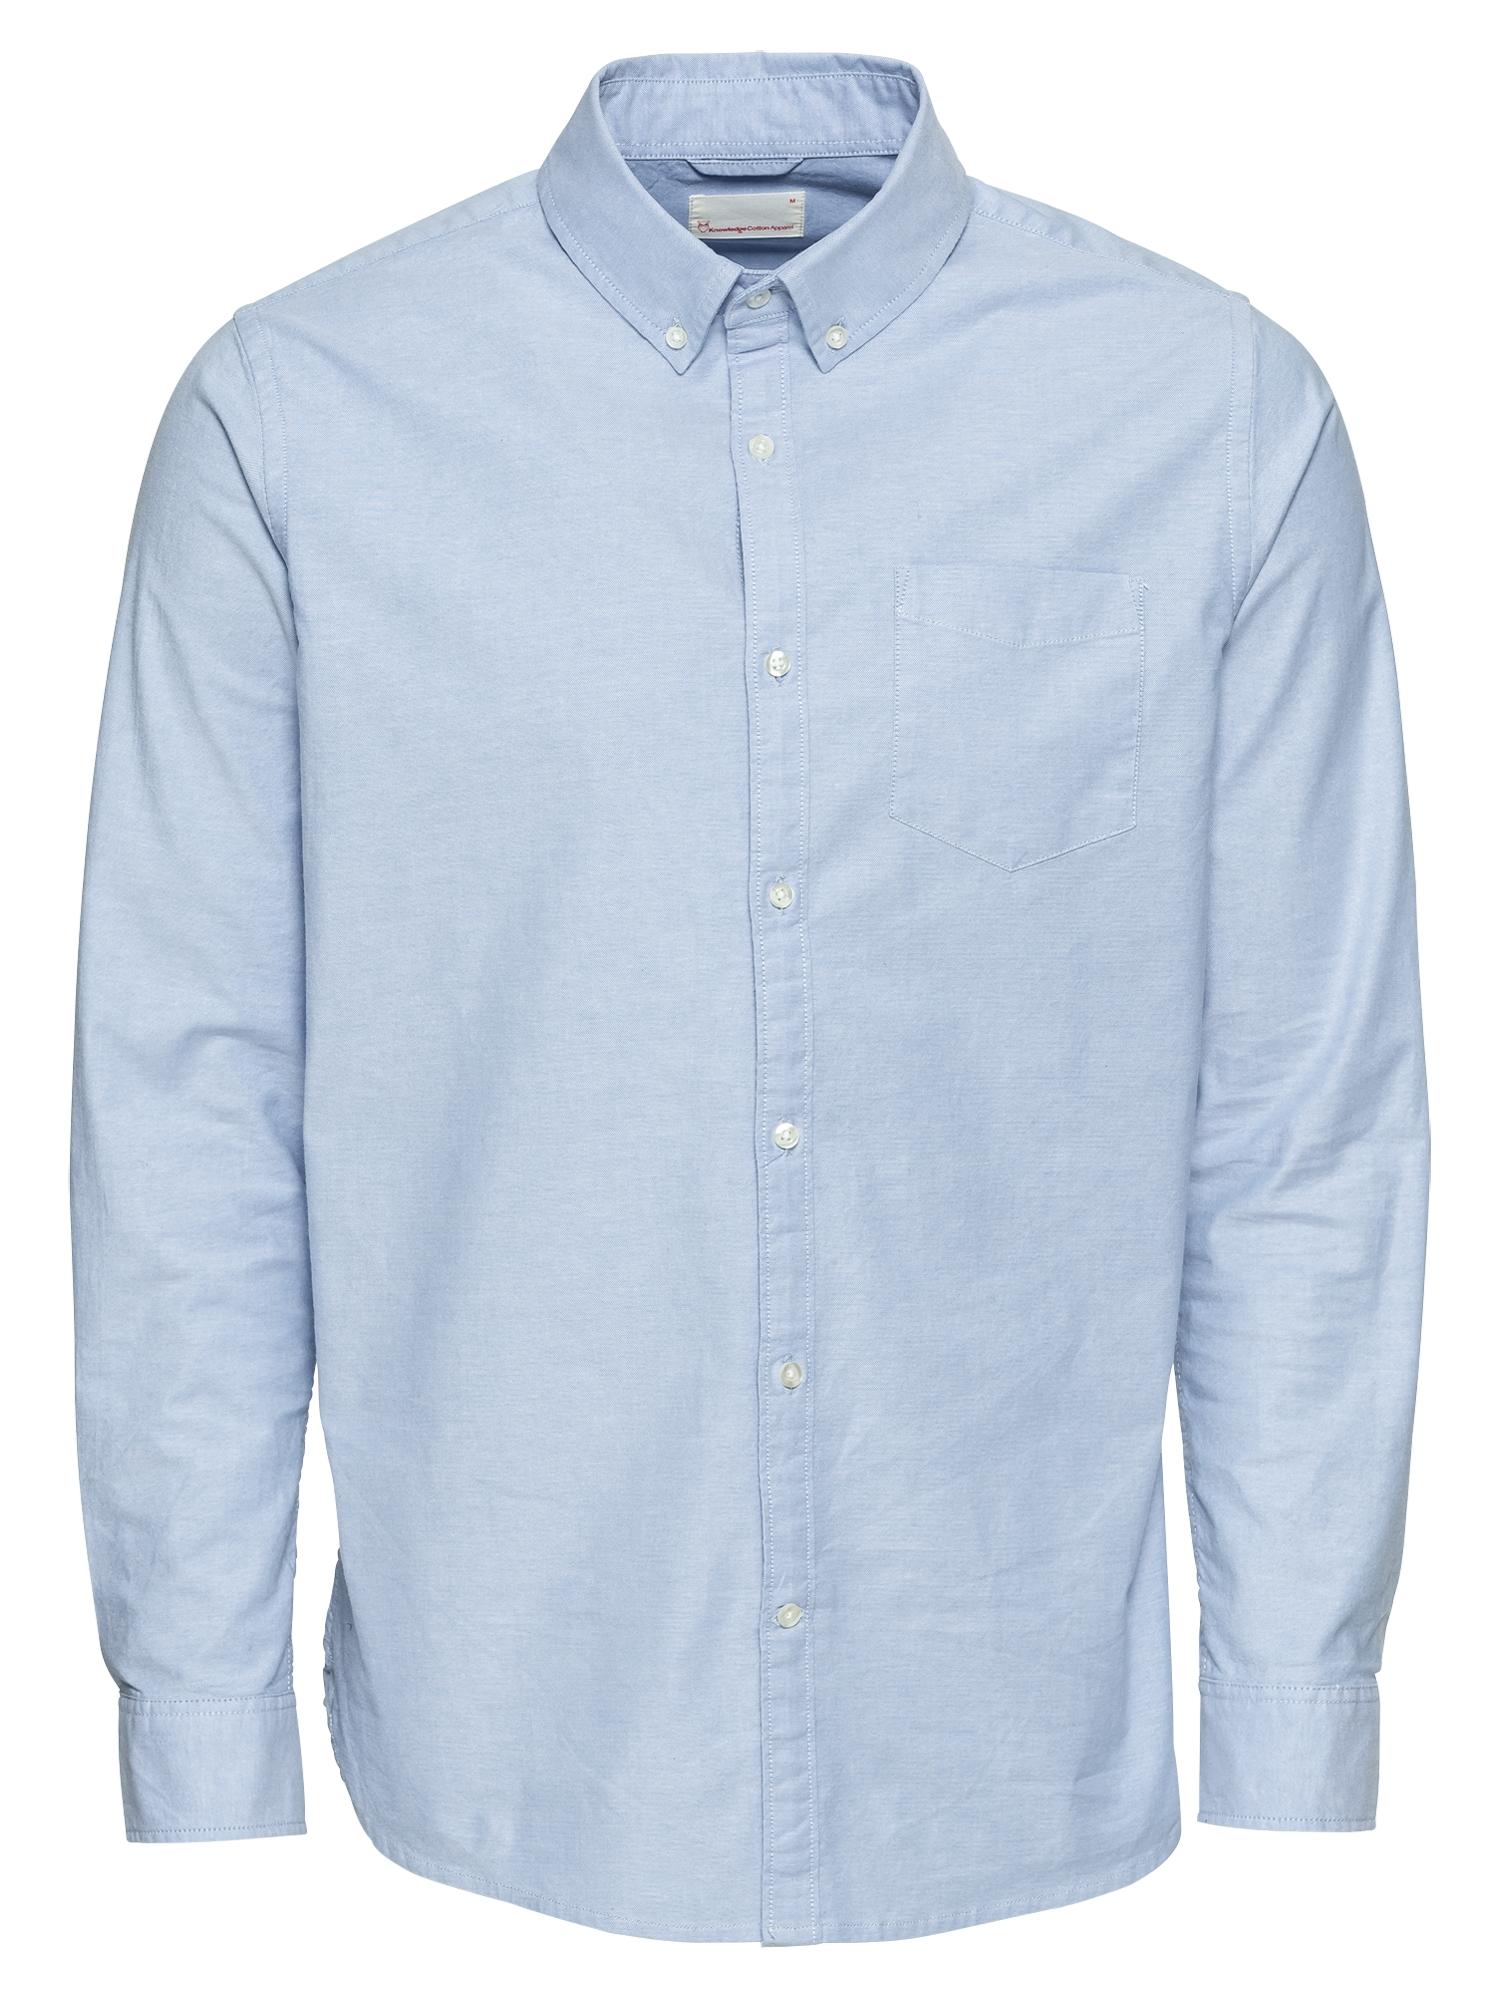 Košile Strethced oxford shirt světlemodrá KnowledgeCotton Apparel